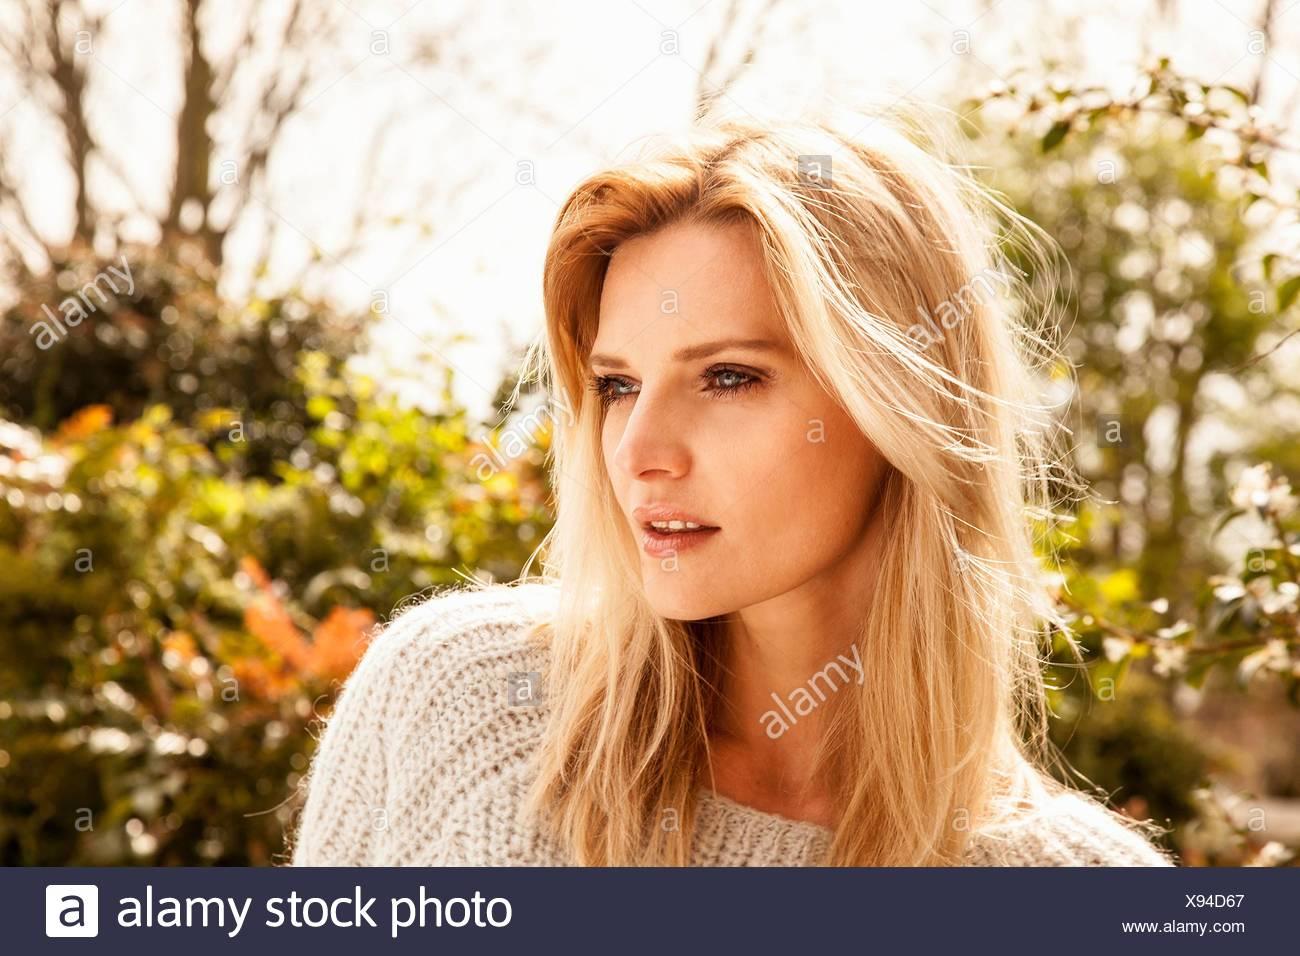 Schöne Mitte Erwachsene Frau mit langen blonden Haaren im Garten Stockbild